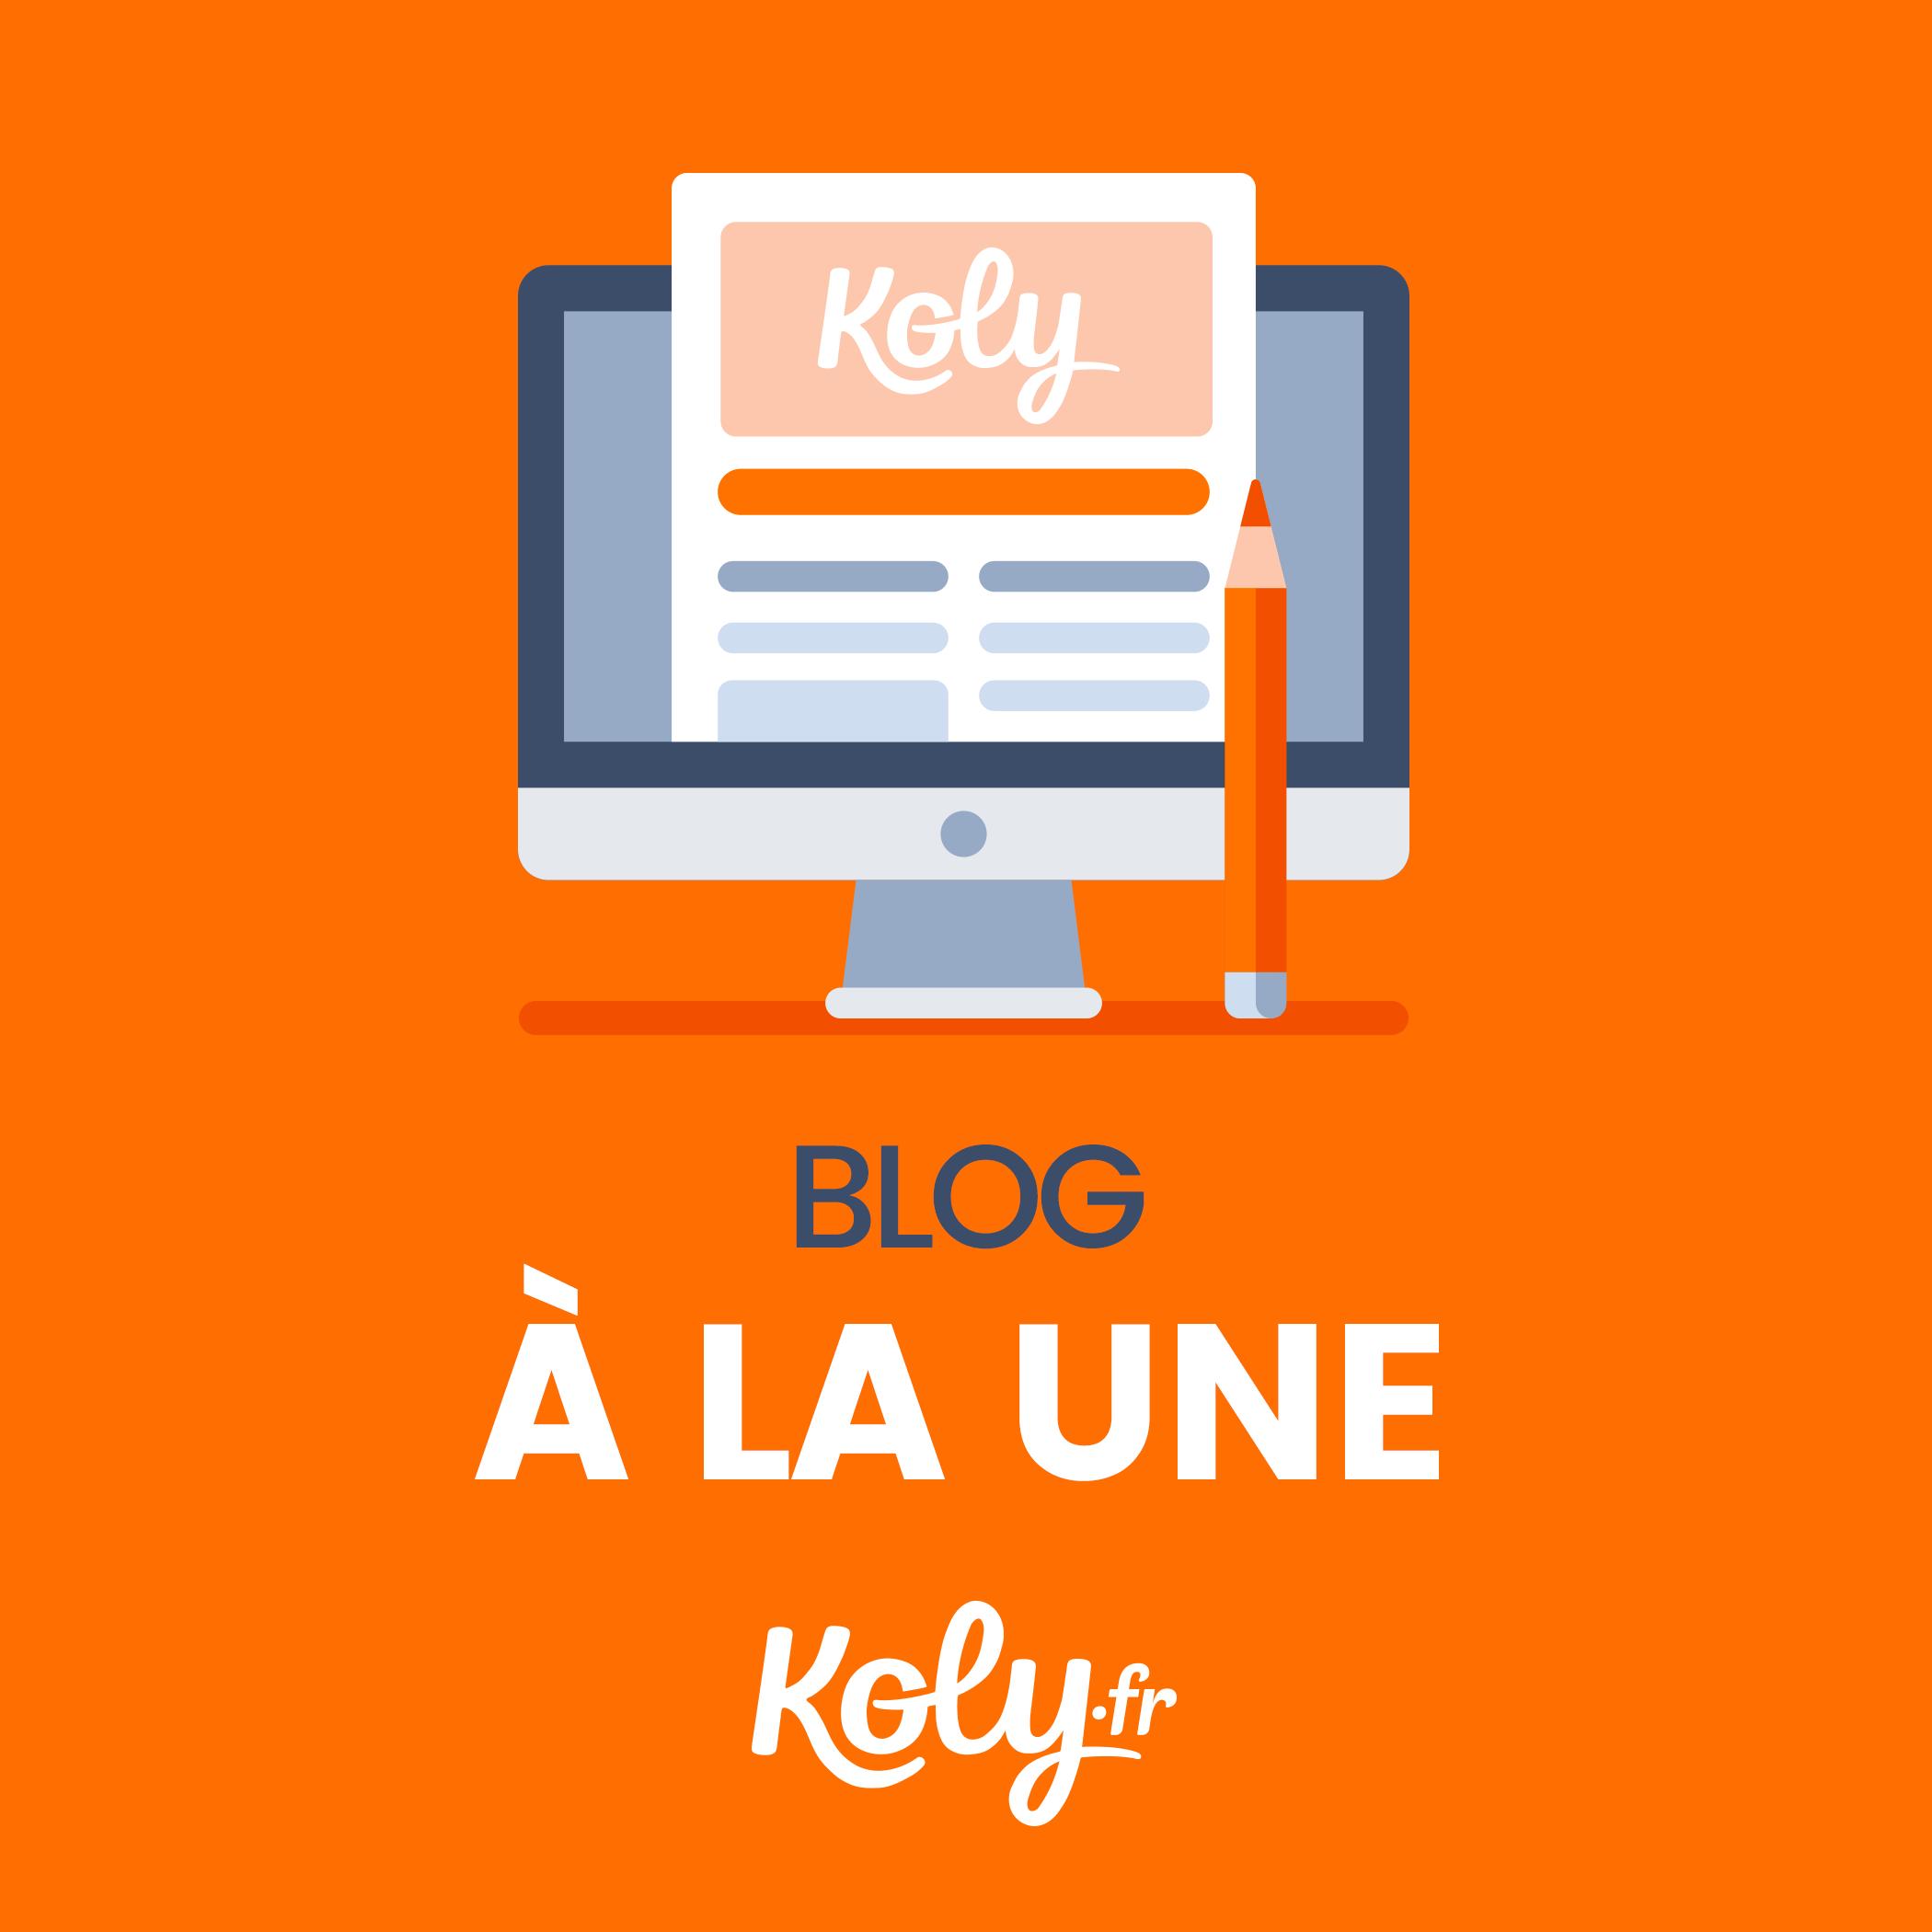 Logo Koly s'illustre dans un blog